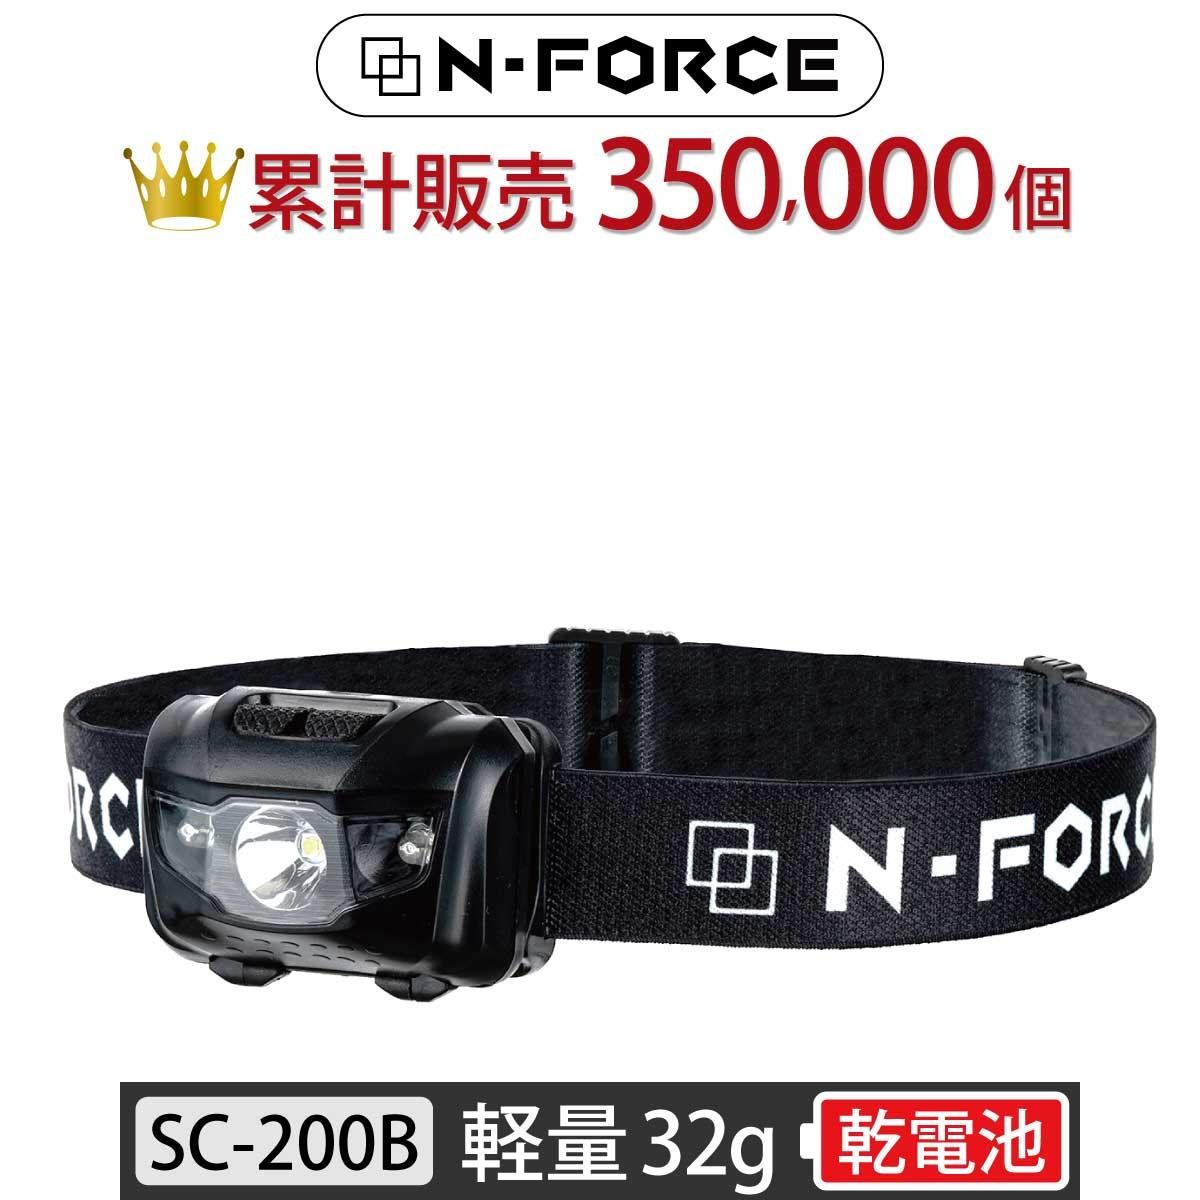 ヘッドライト 防水 登山 釣り キャンプ 防災 災害対策 LEDヘッドライト ヘッドランプ 懐中電灯 LEDヘッドライト 作業用ledヘッドライト 超強力